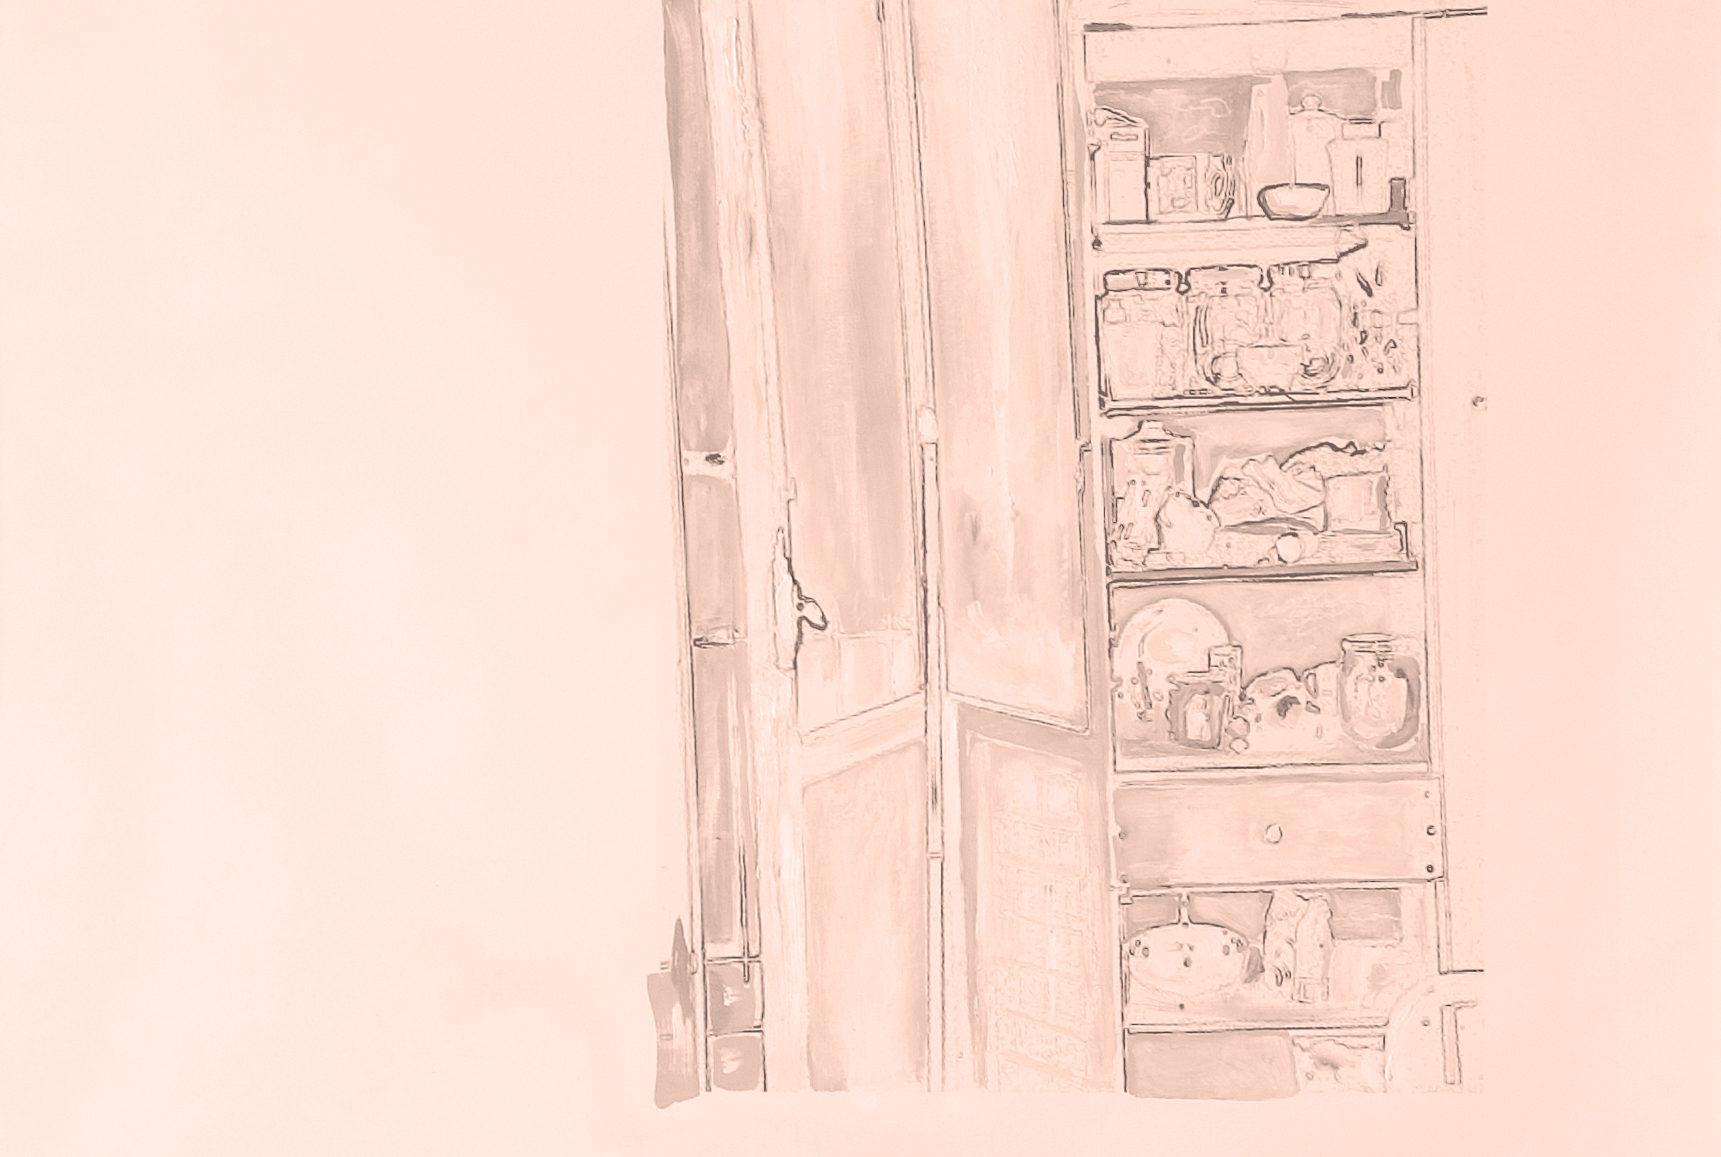 Poesia La Credenza Di Arthur Rimbaud : Marina gasparini u page contemporary art fiber installation